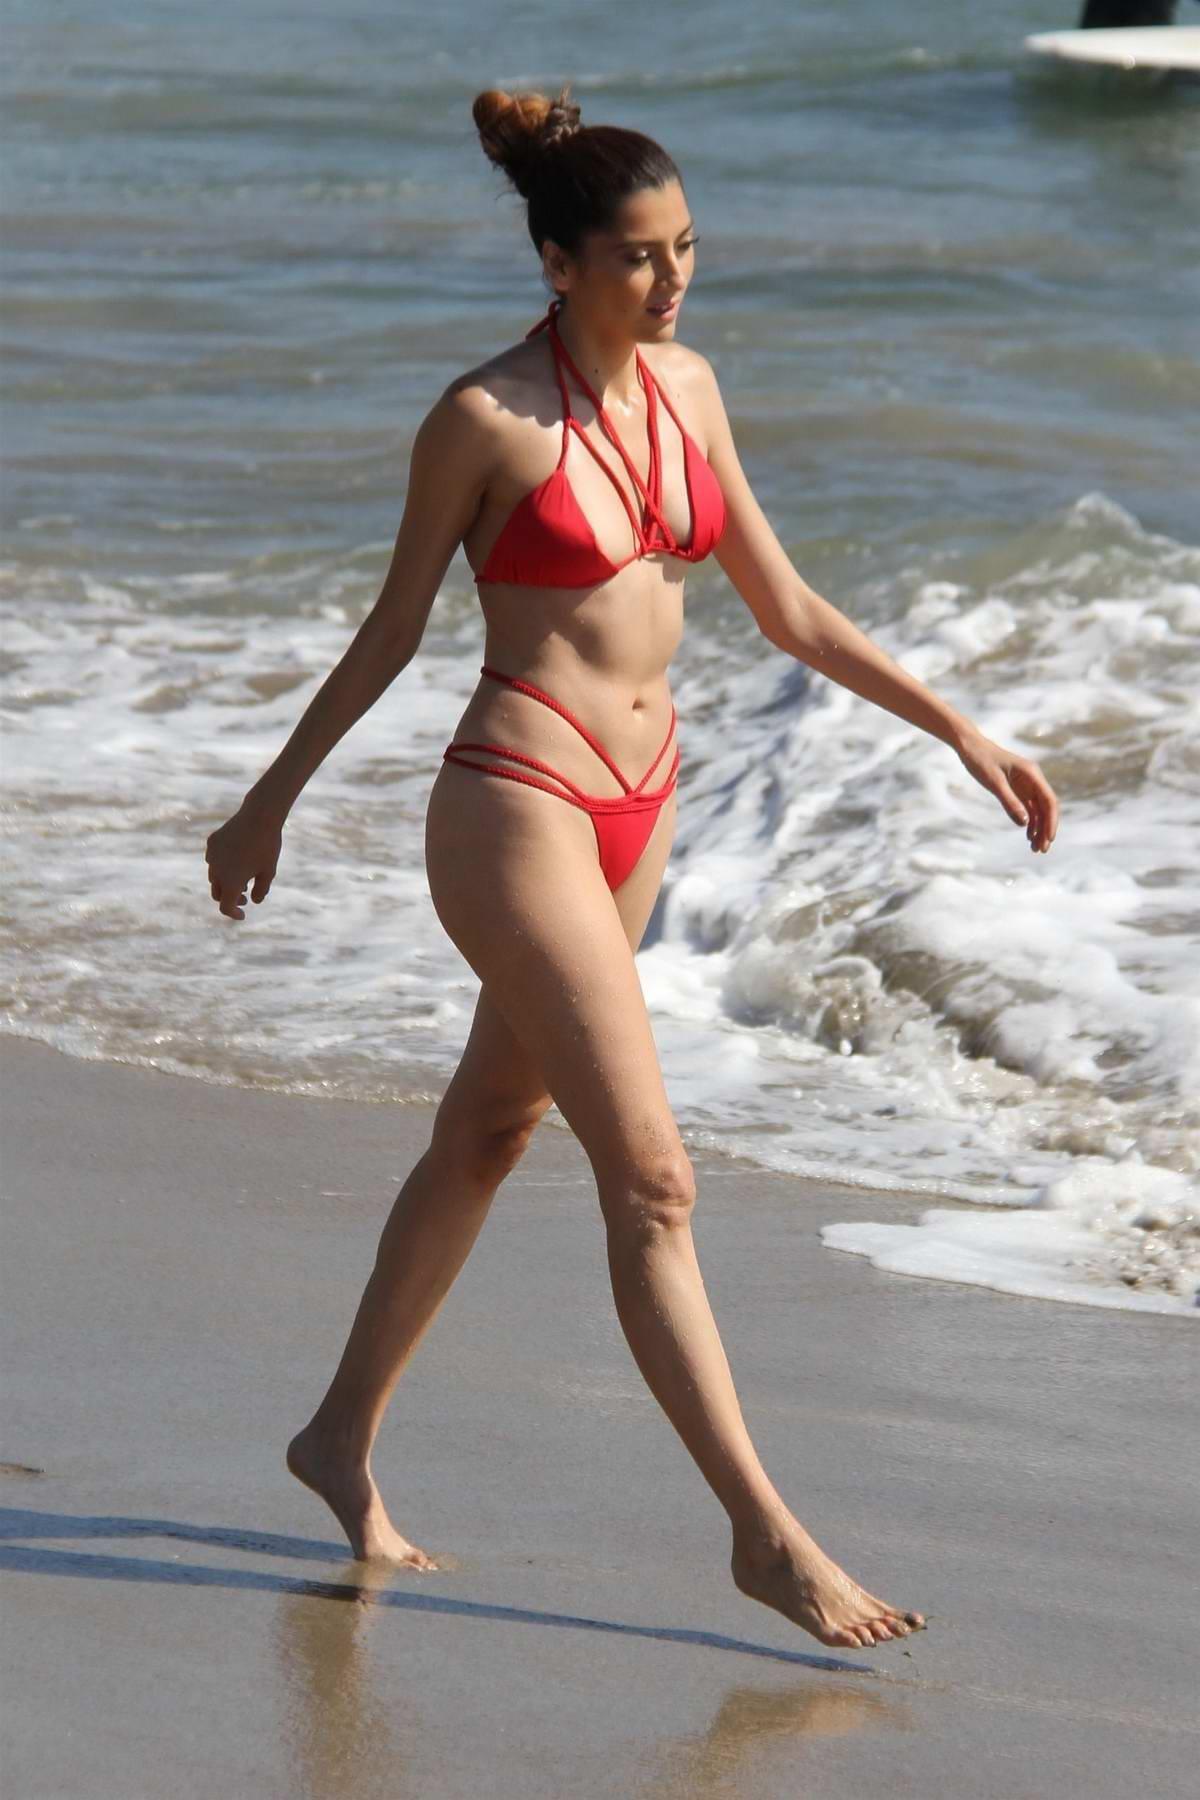 Blanca Blanco hits the beach in a red bikini in Malibu, California